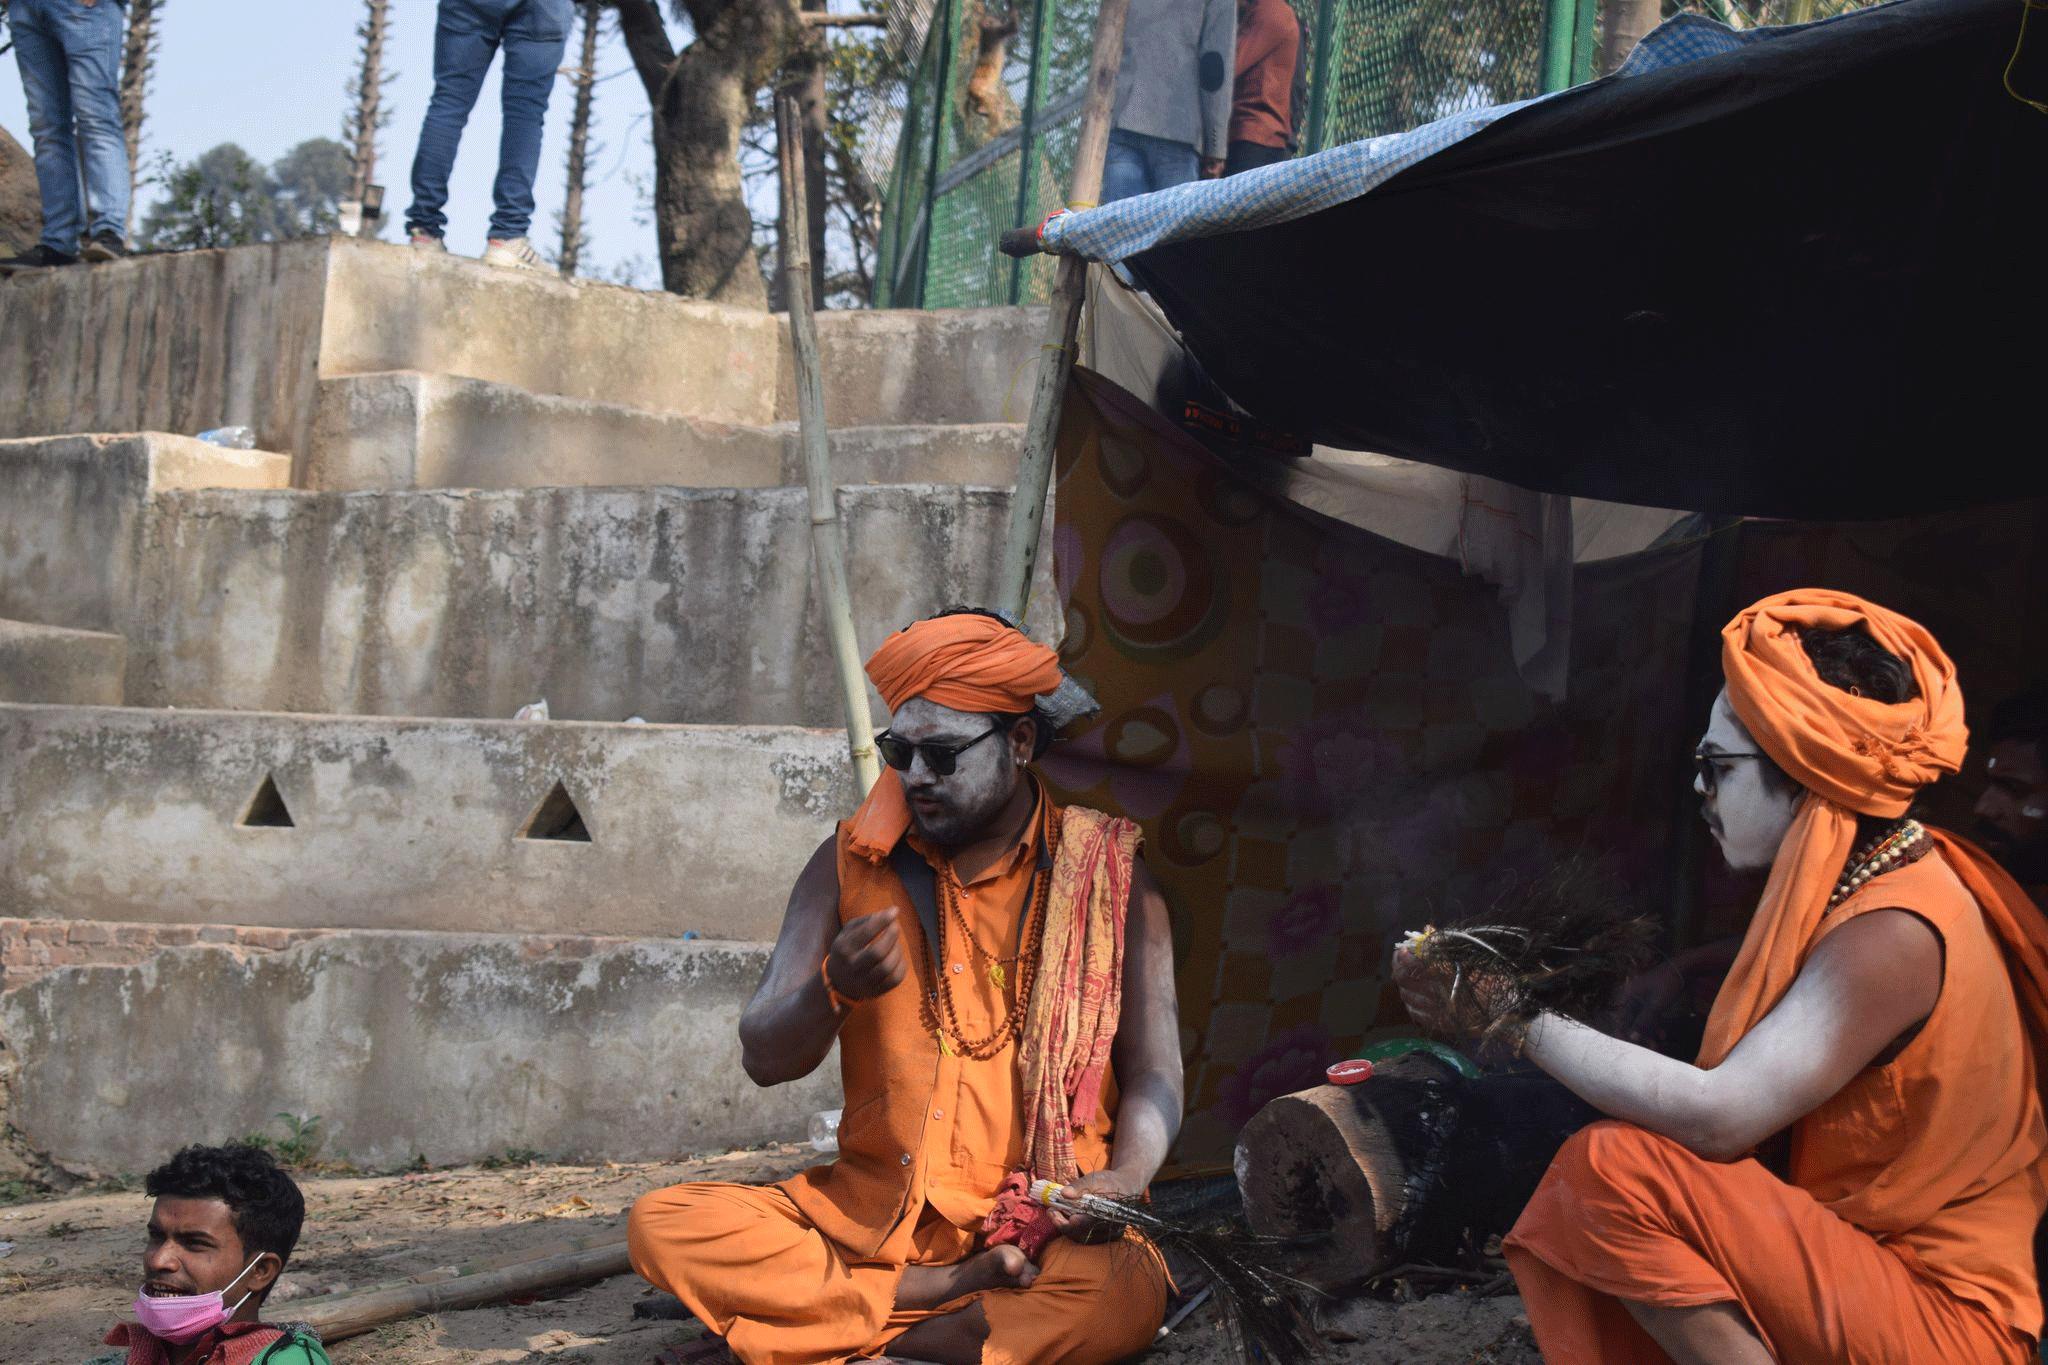 पशुपतिनाथमा महाशिवरात्रीको रौनक (फोटोफिचर)